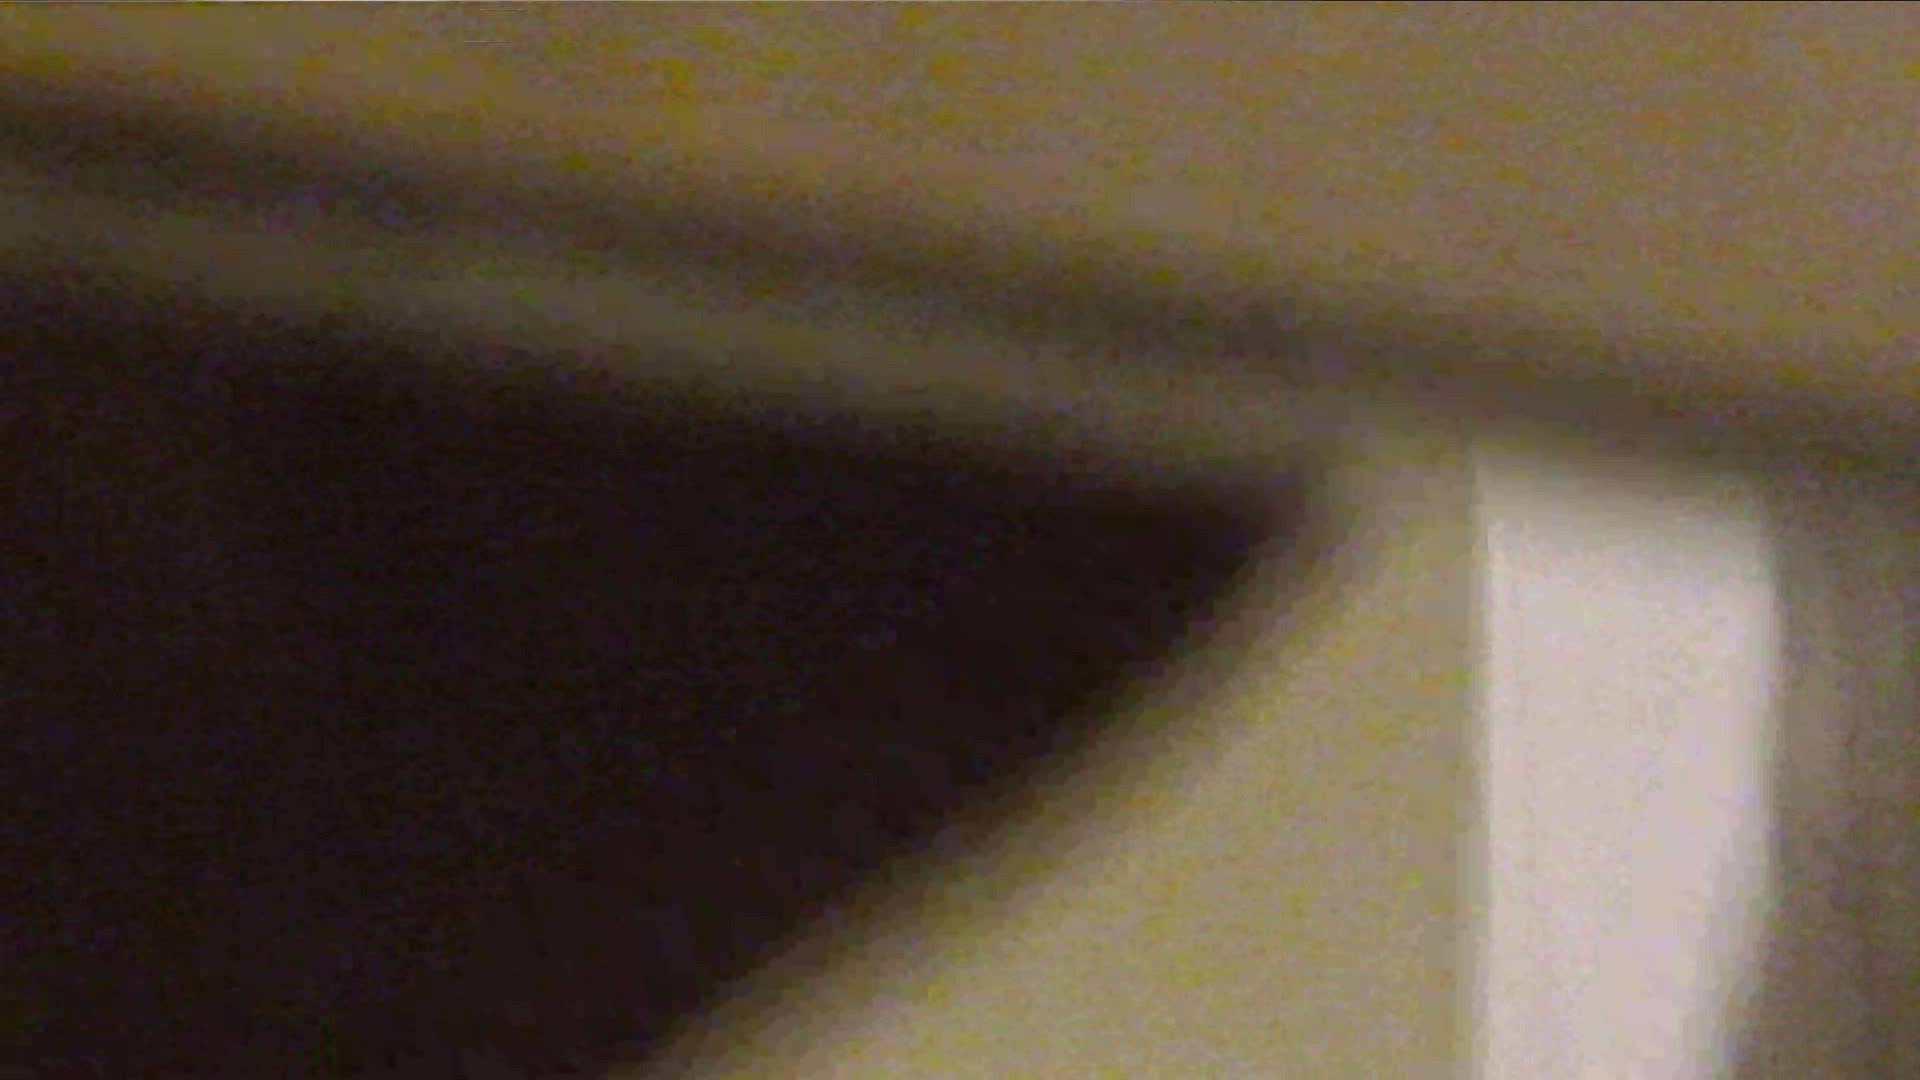 世界の射窓から vol.3 細身女性 | 丸見え  83画像 13